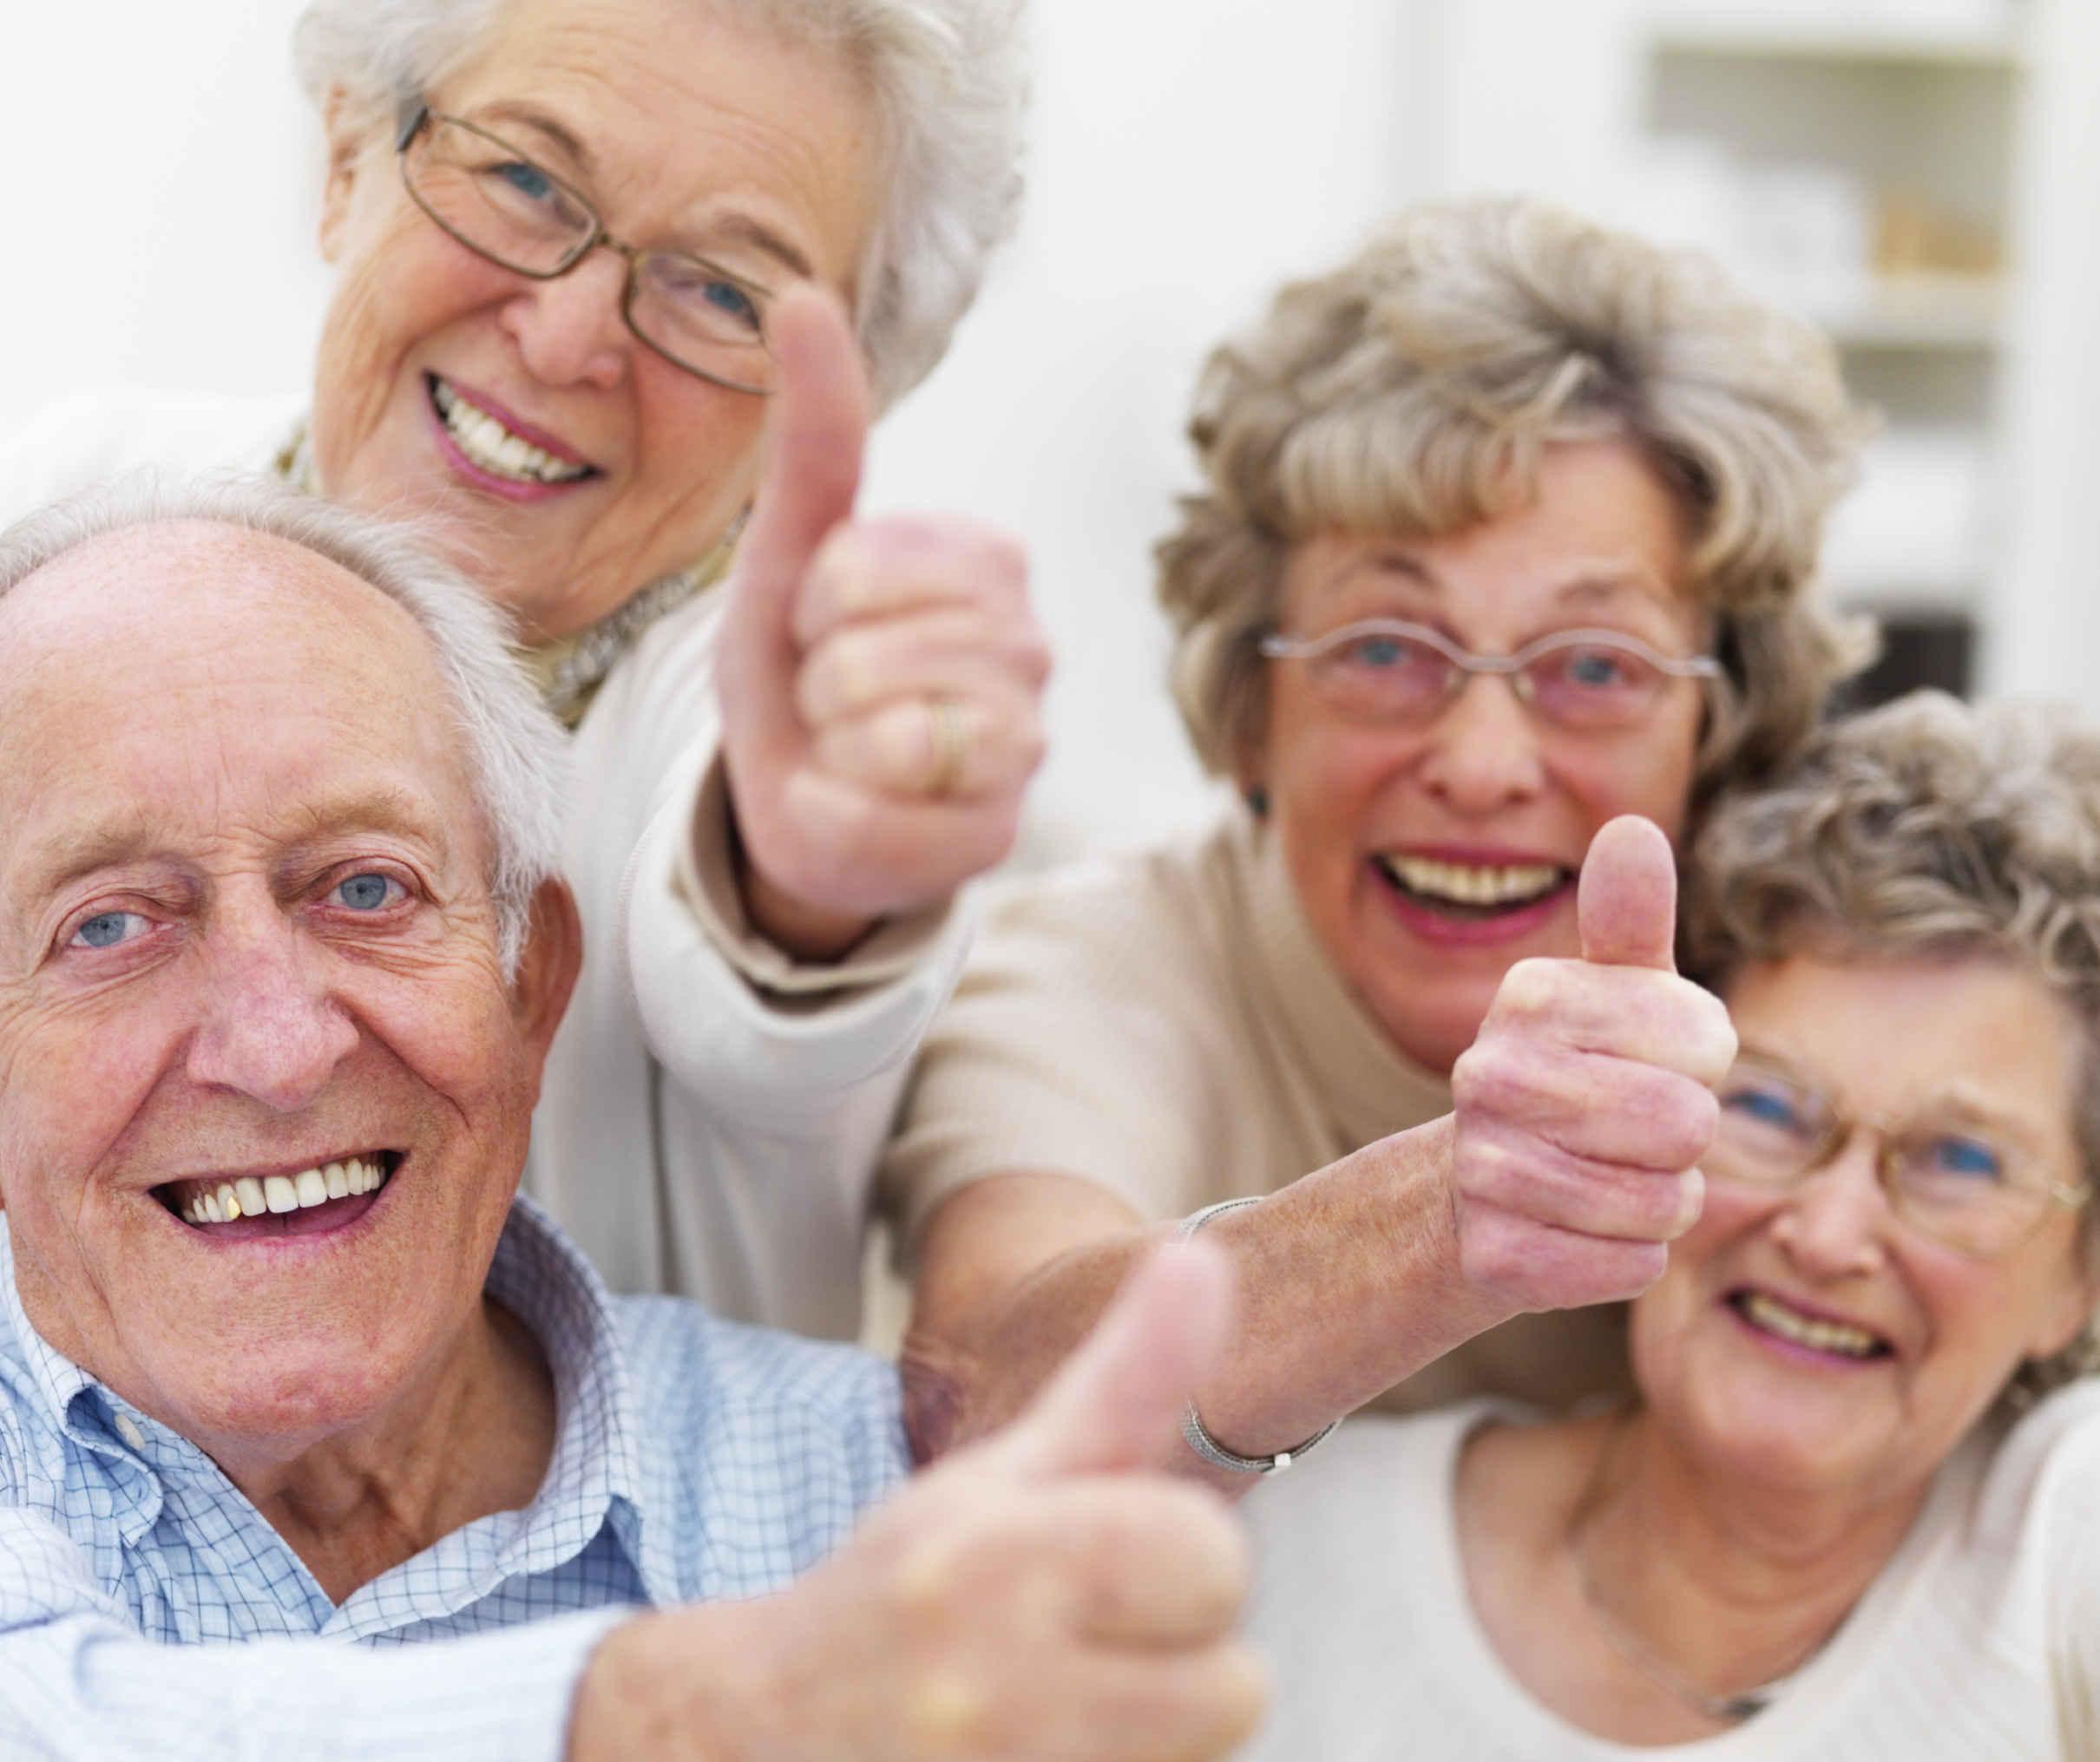 Las personas mayores son más felices que las más jóvenes